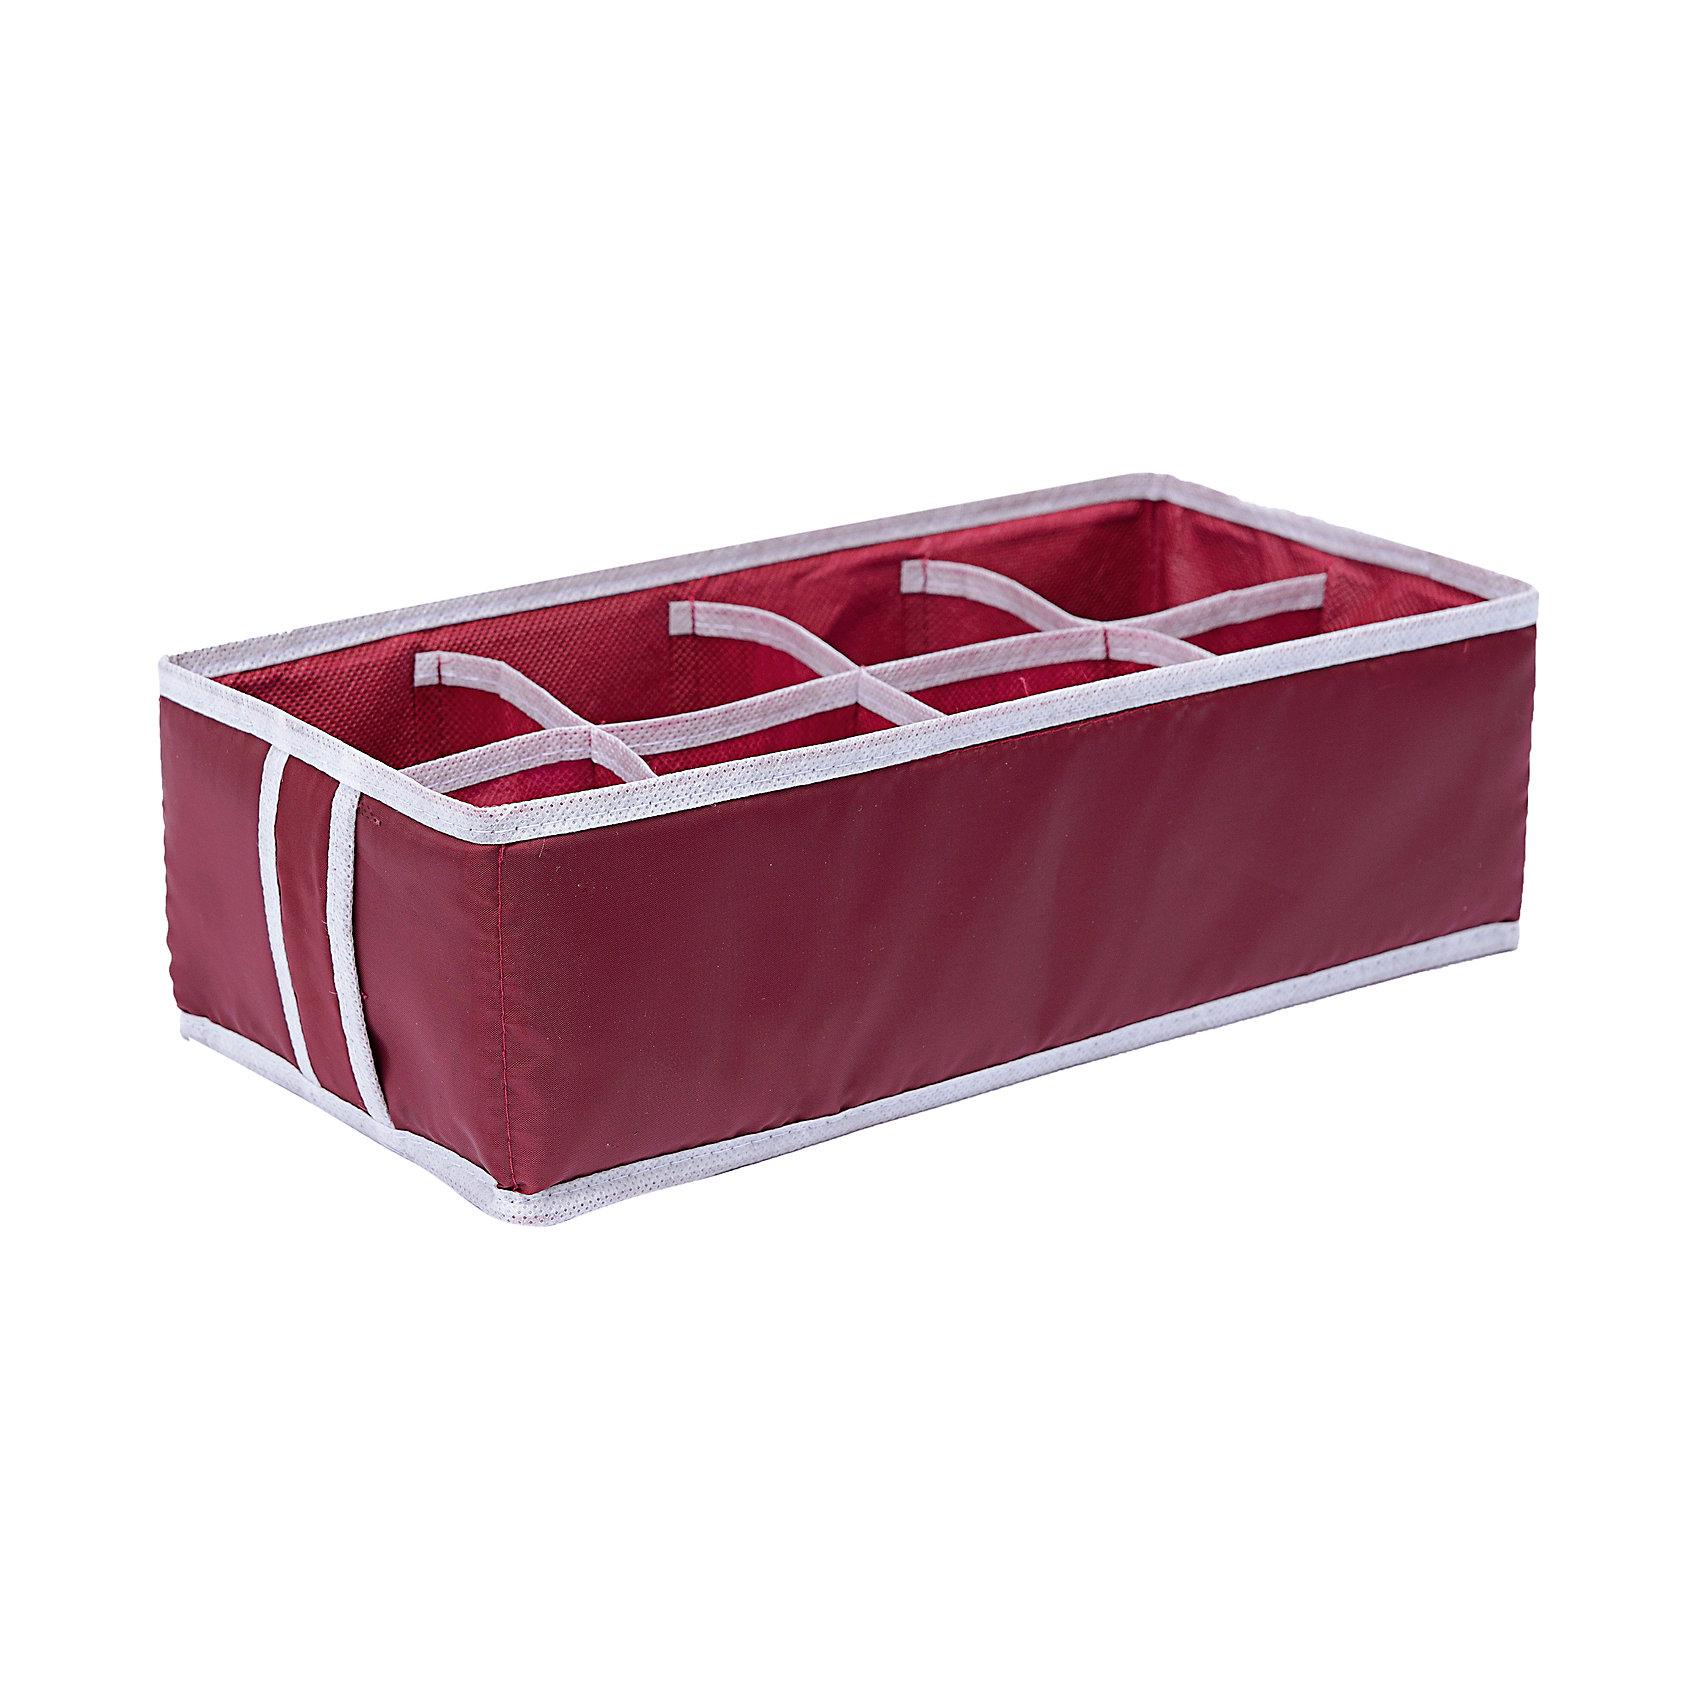 Органайзер на 8 секций Red Rose, HomsuПорядок в детской<br>Прямоугольный органайзер имеет 8 ячеек, очень удобен для хранения вещей среднего размера в вашем ящике или на полке. Идеально для бюстгальтеров, нижнего белья и других вещей ежедневного пользования. Имеет жесткие борта, что является гарантией сохранности вещей.<br><br>Ширина мм: 475<br>Глубина мм: 100<br>Высота мм: 10<br>Вес г: 100<br>Возраст от месяцев: 216<br>Возраст до месяцев: 1188<br>Пол: Унисекс<br>Возраст: Детский<br>SKU: 5620237